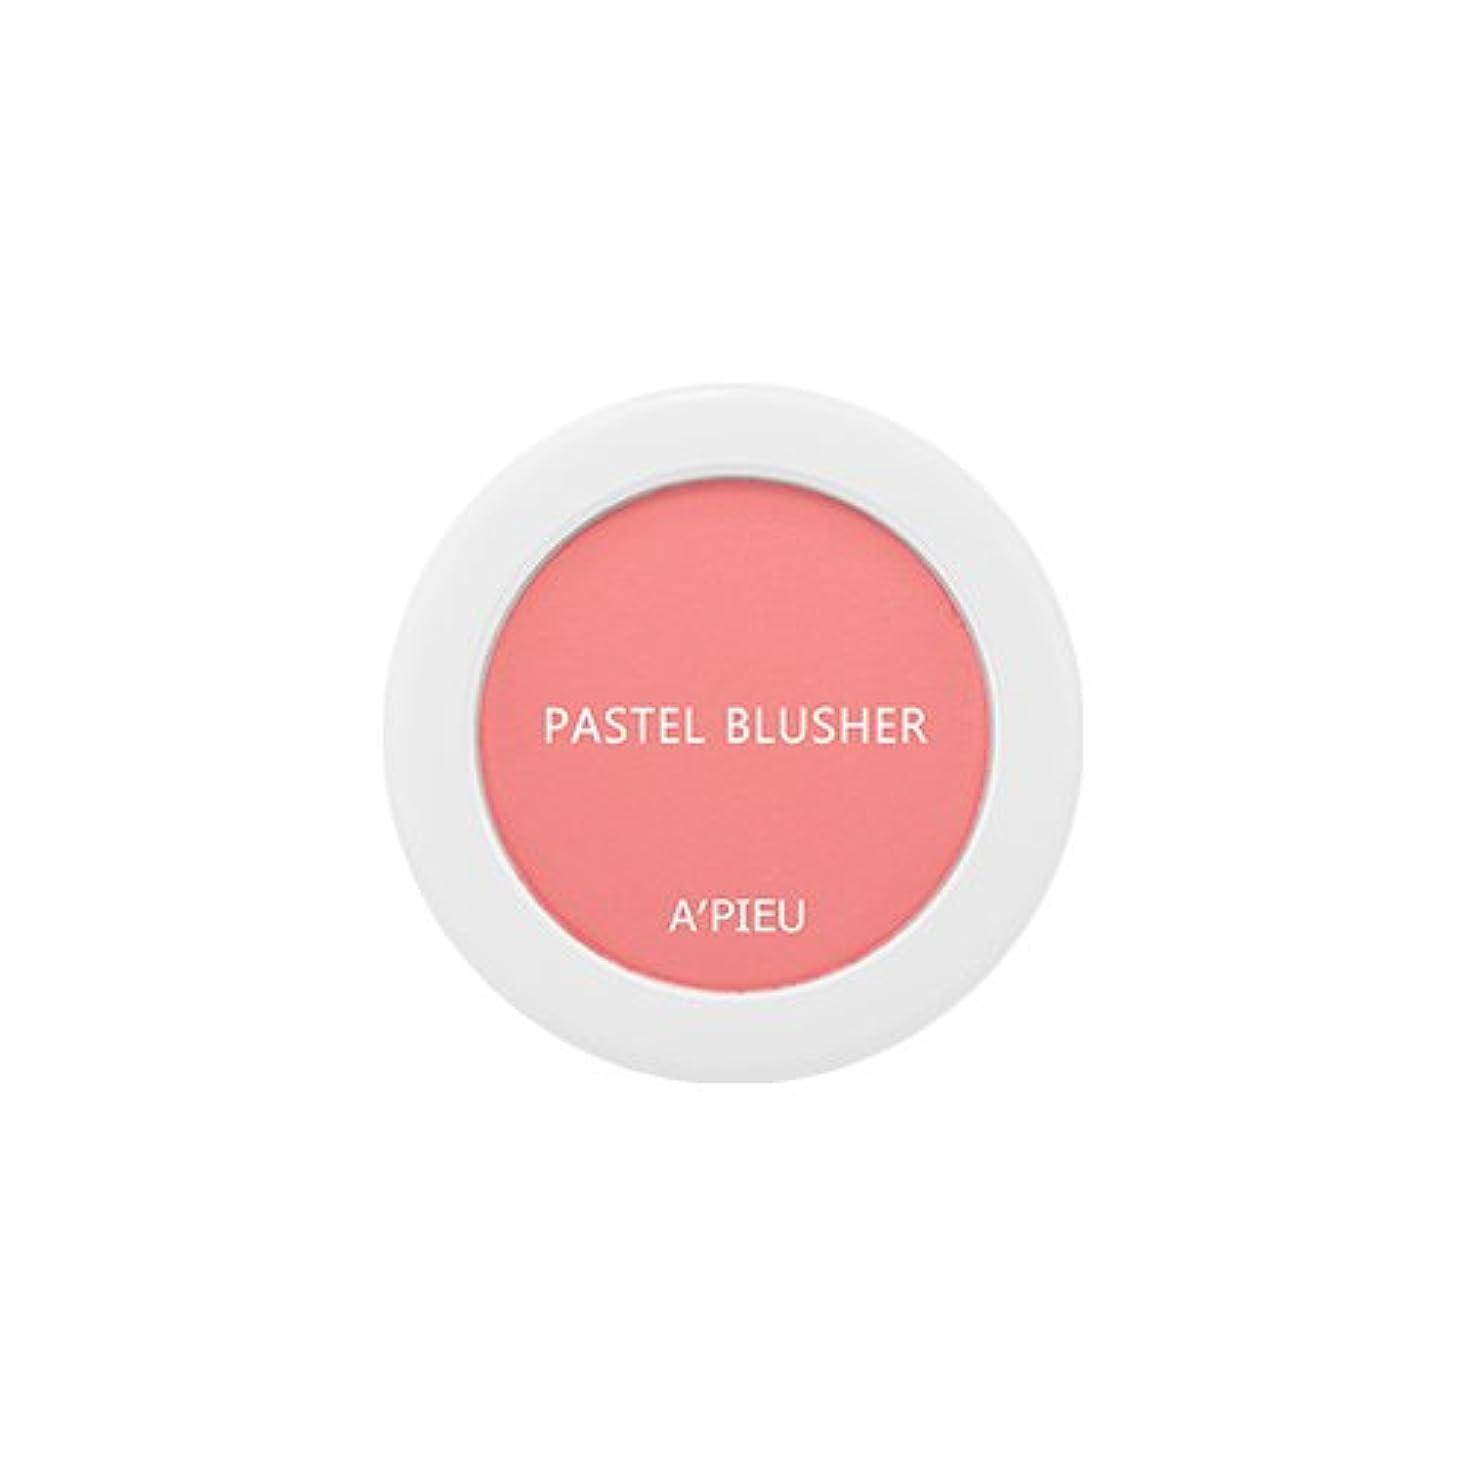 失礼物理的に音節アピュ[APIEU] Pastel Blusher パステル ブラッシャー (CR01) [並行輸入品]